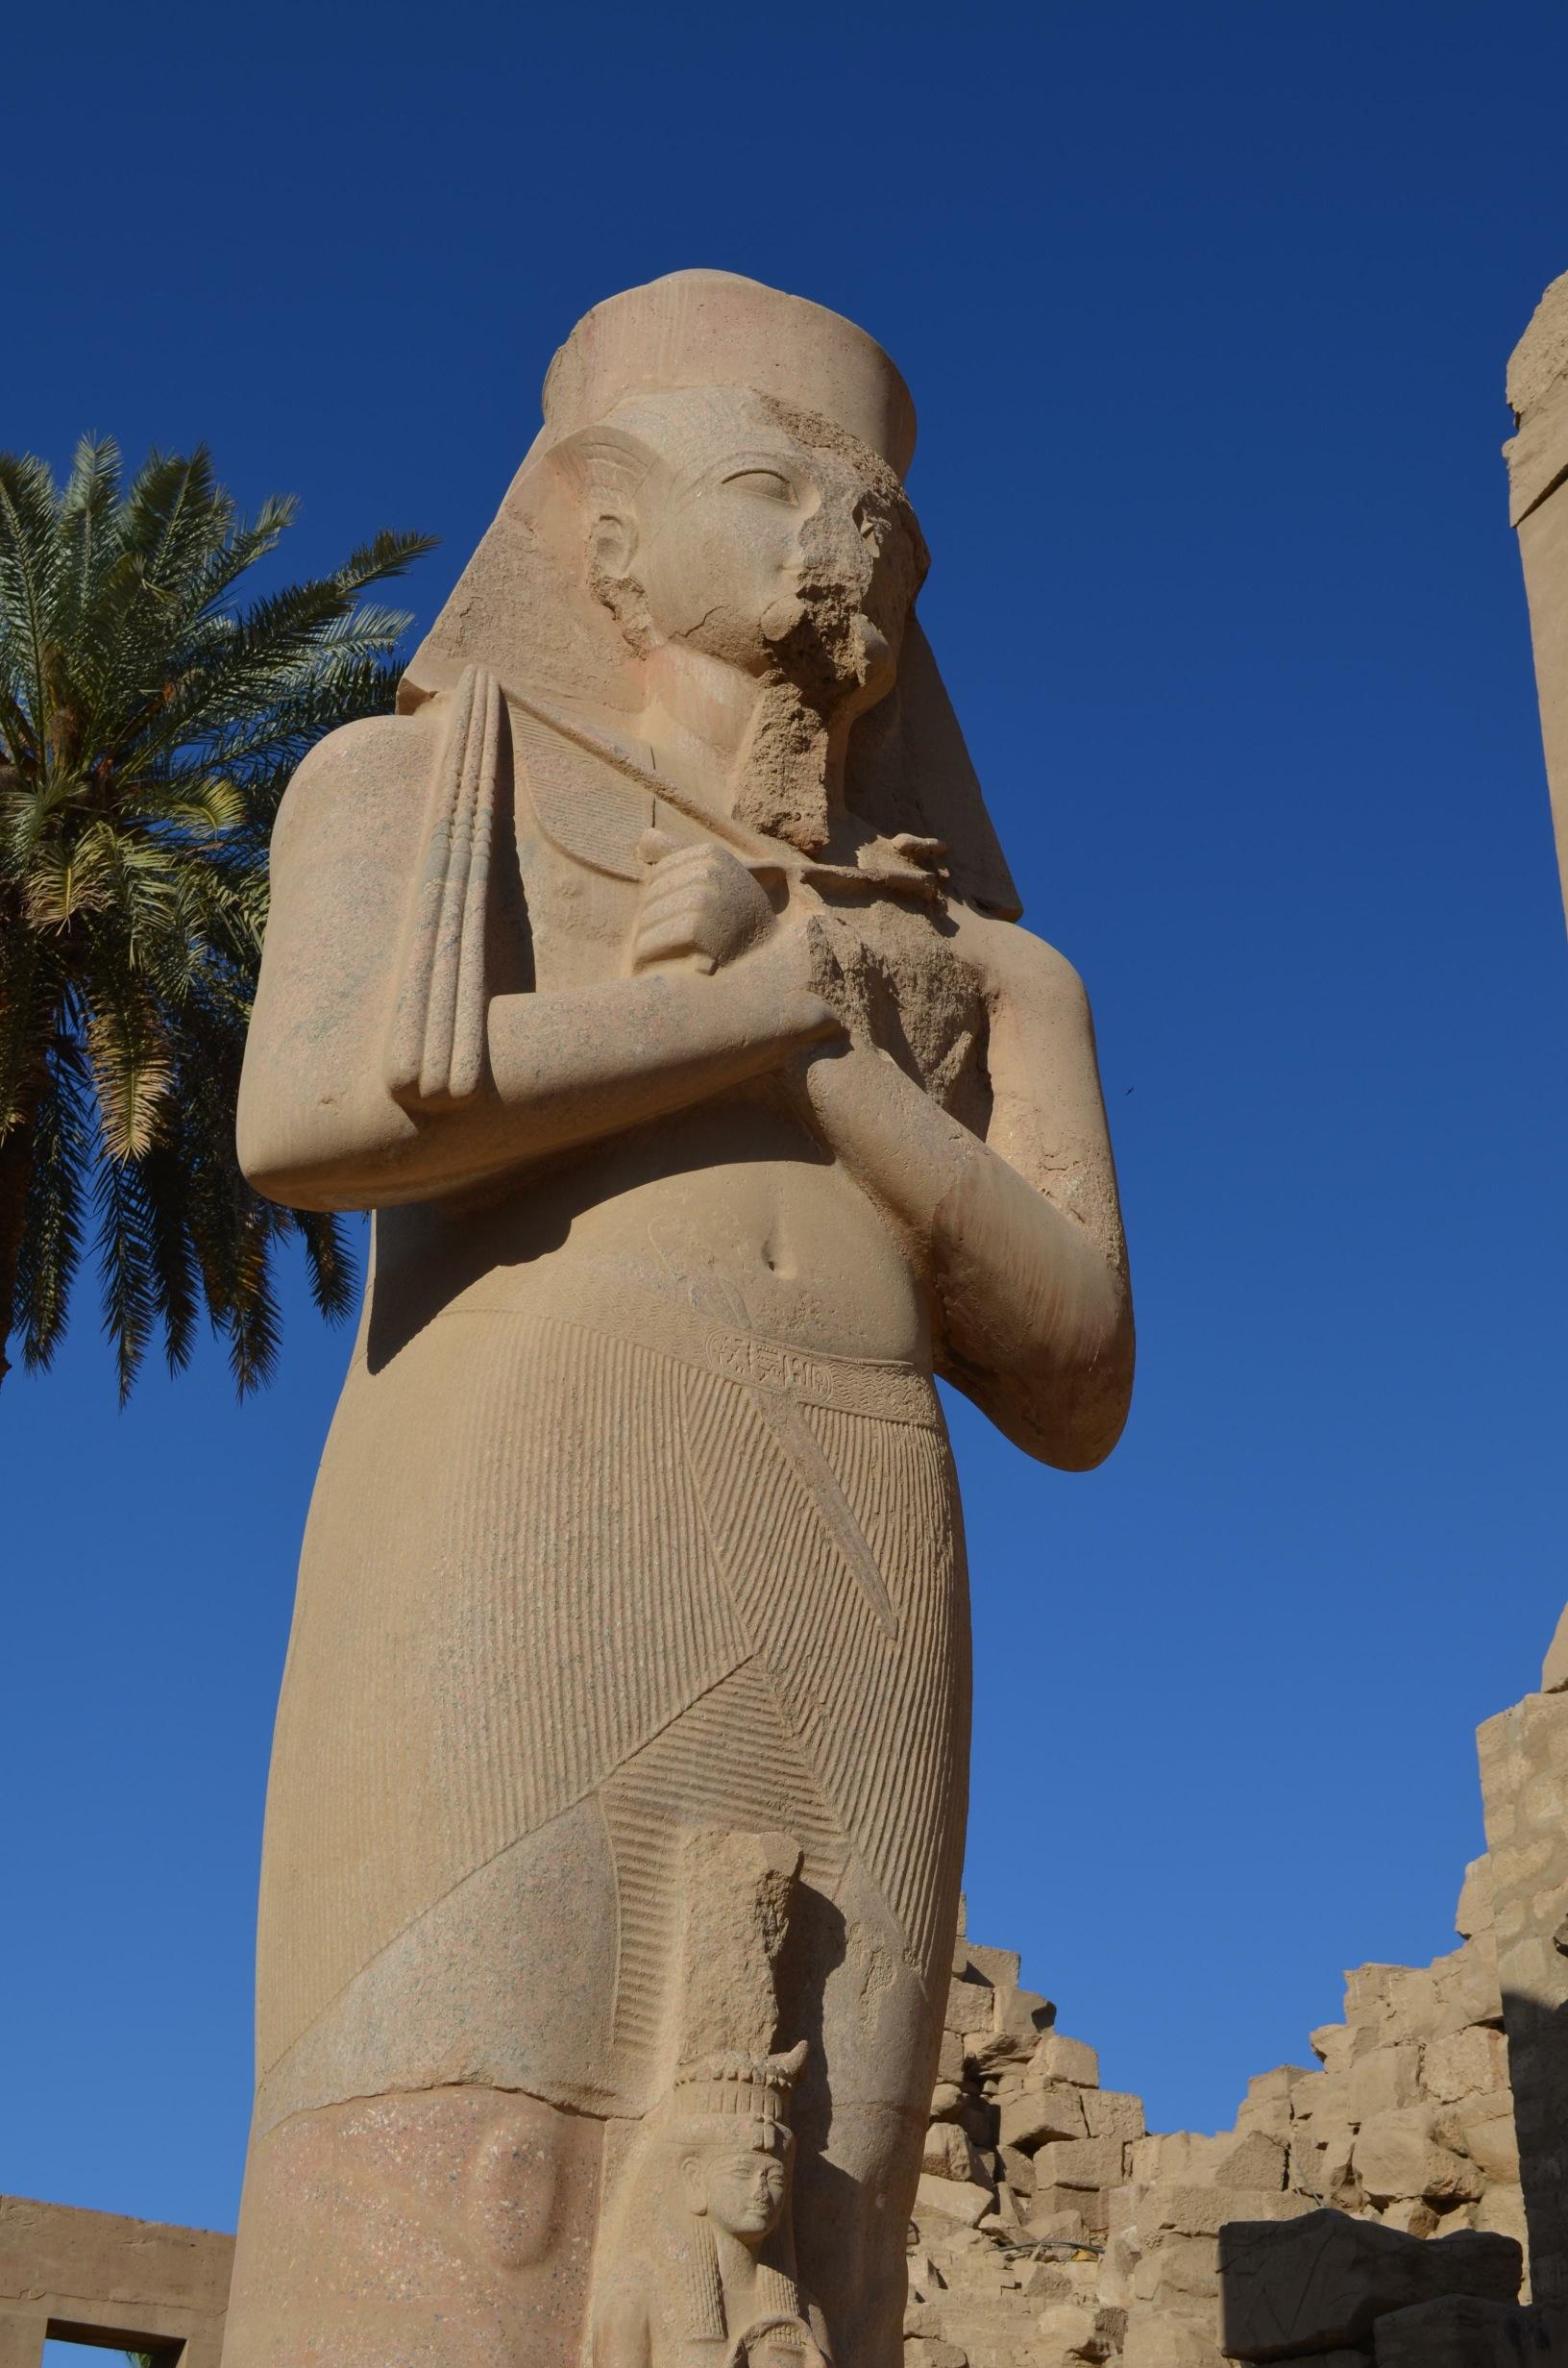 egyptstatue